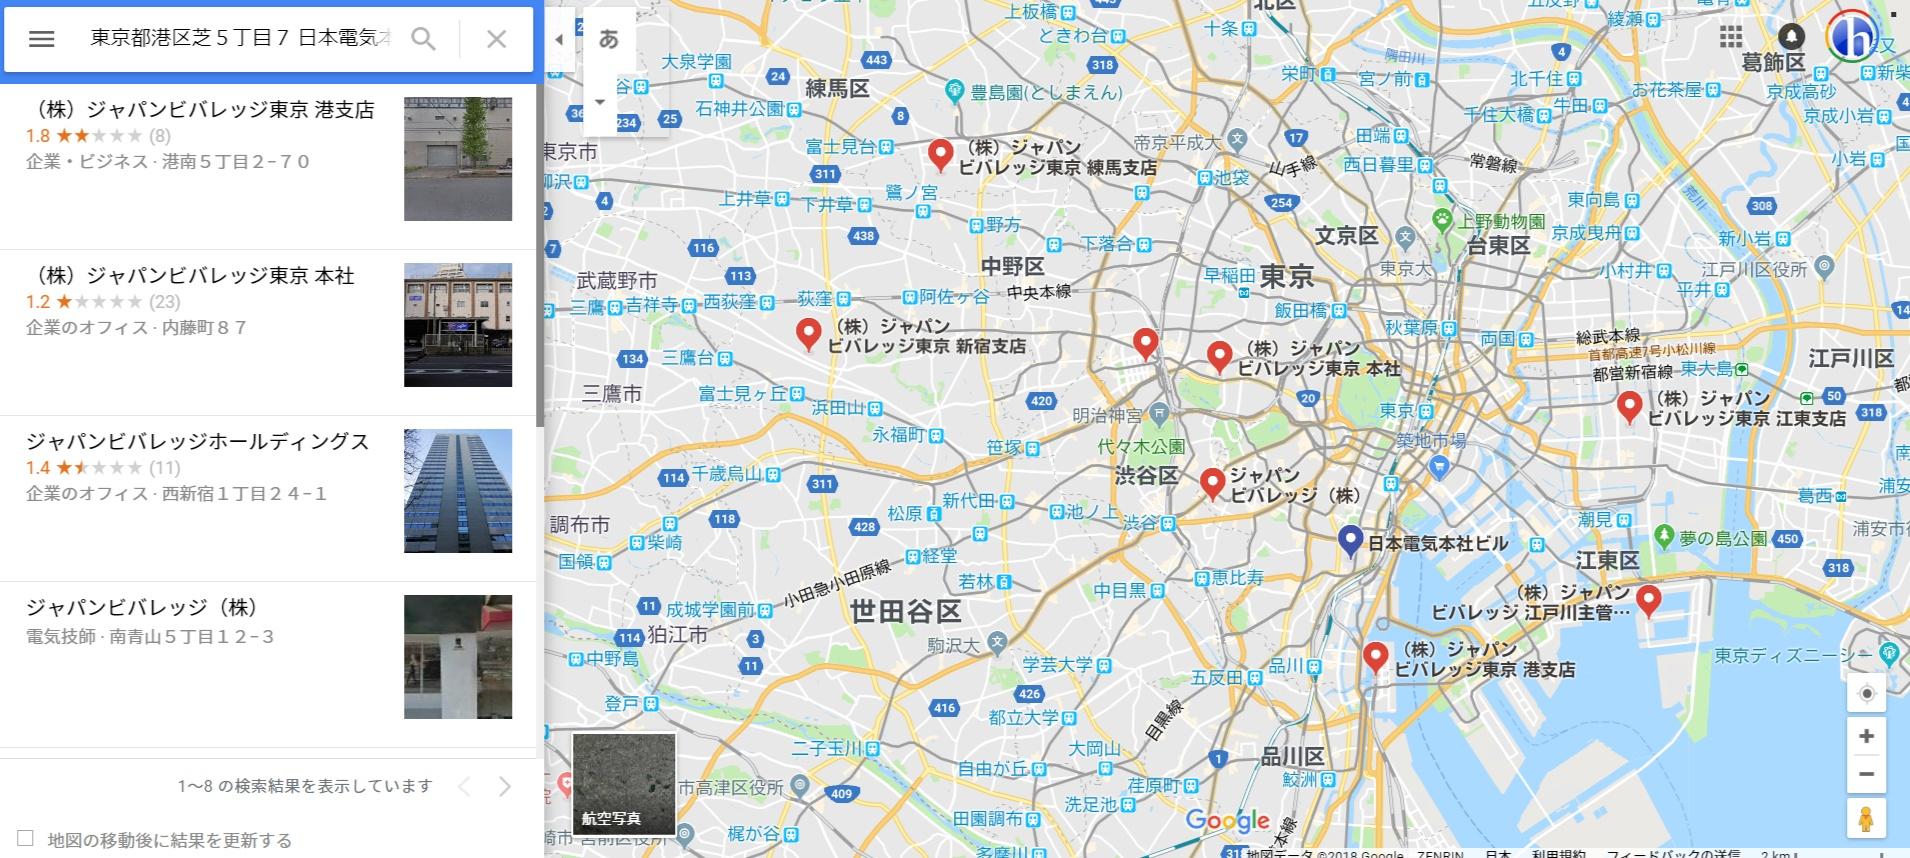 ジャパンビバレッジのGoogleマップ